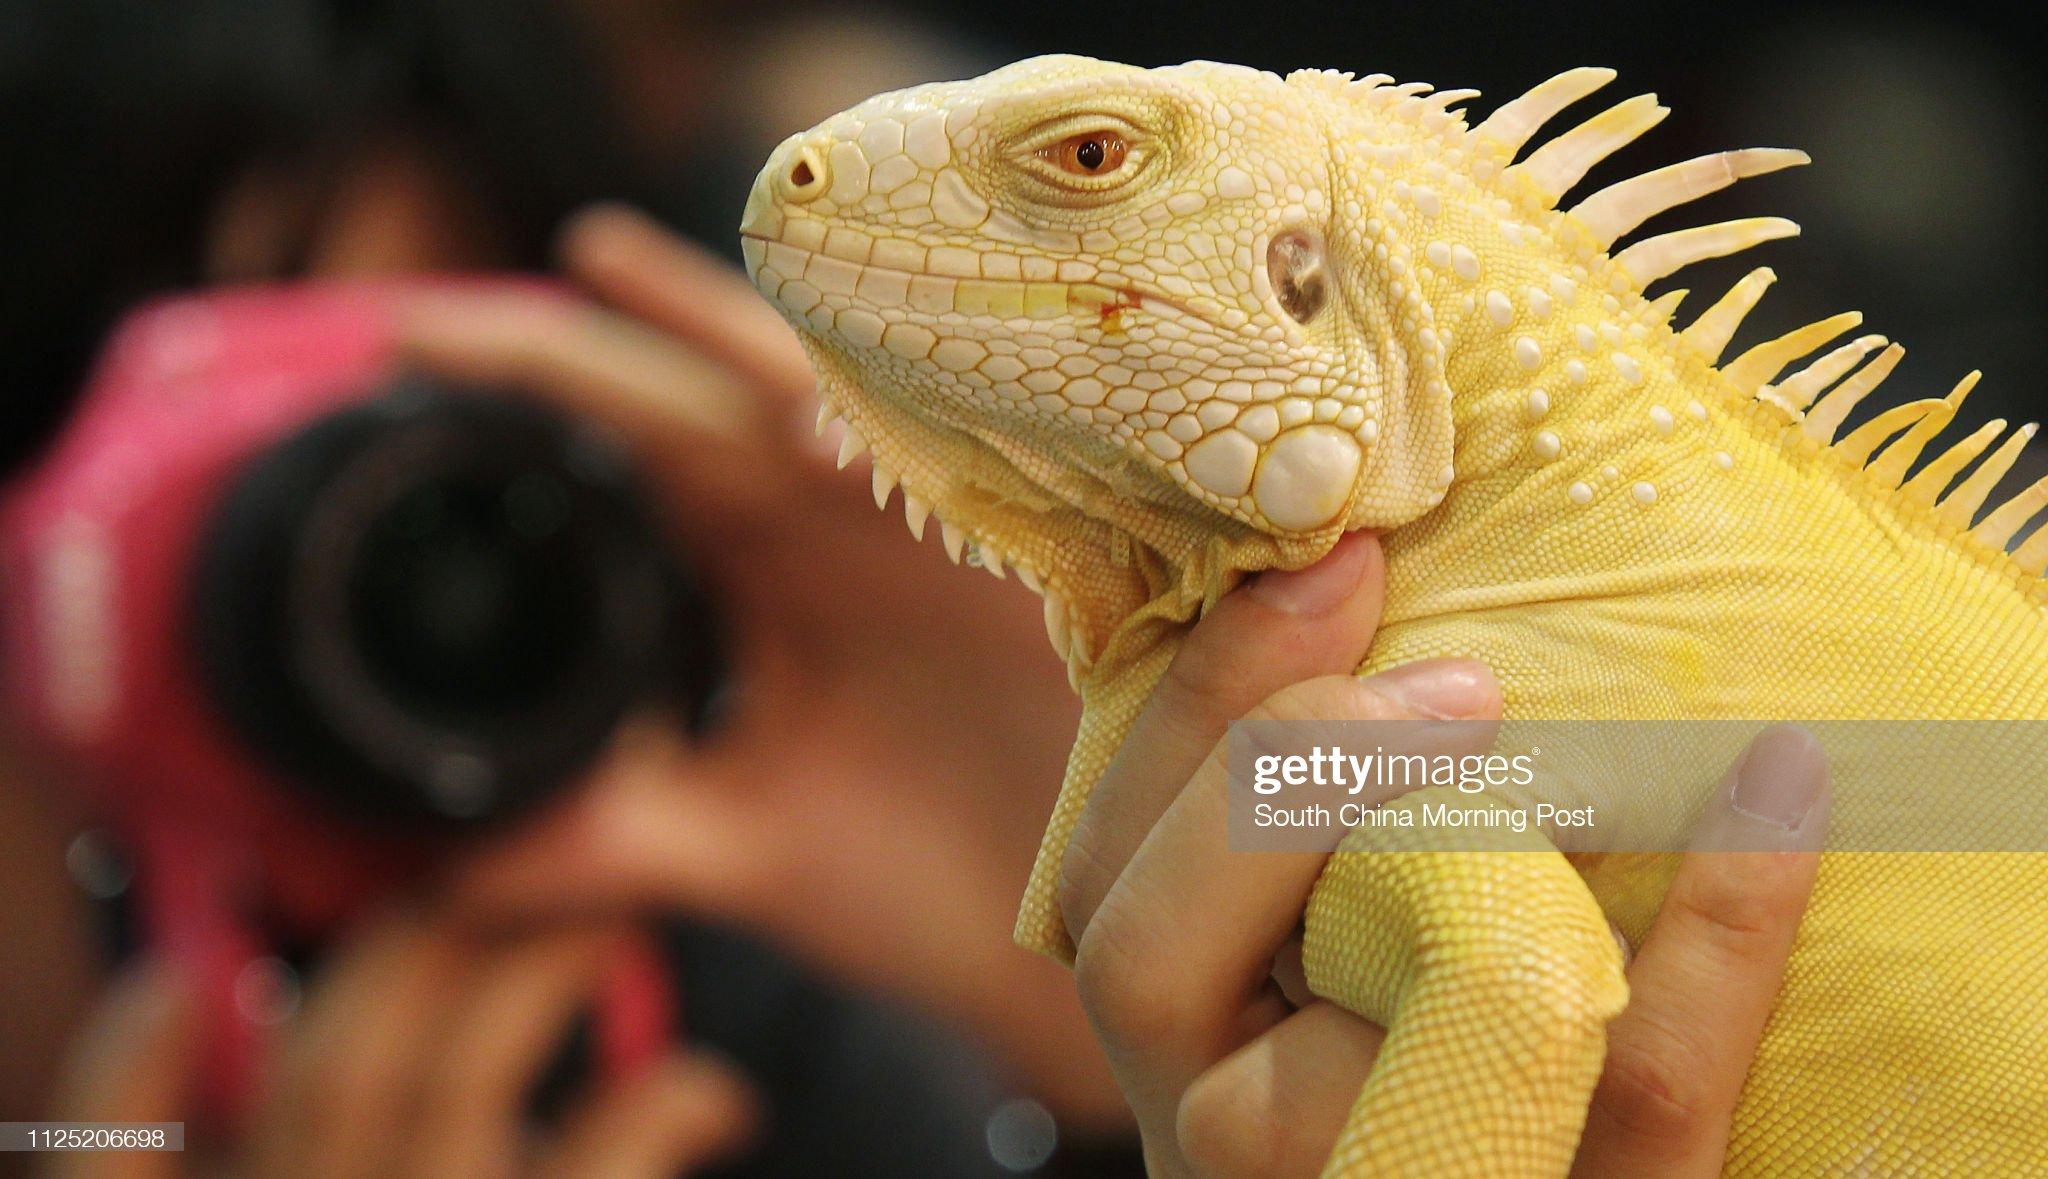 Эрика Ло показывает Альбино Игуана для СМИ во время Гонконгской международной выставки рептилий в Международном торгово-выставочном центре Коулун Бэй.  15 июля: Фото новостей